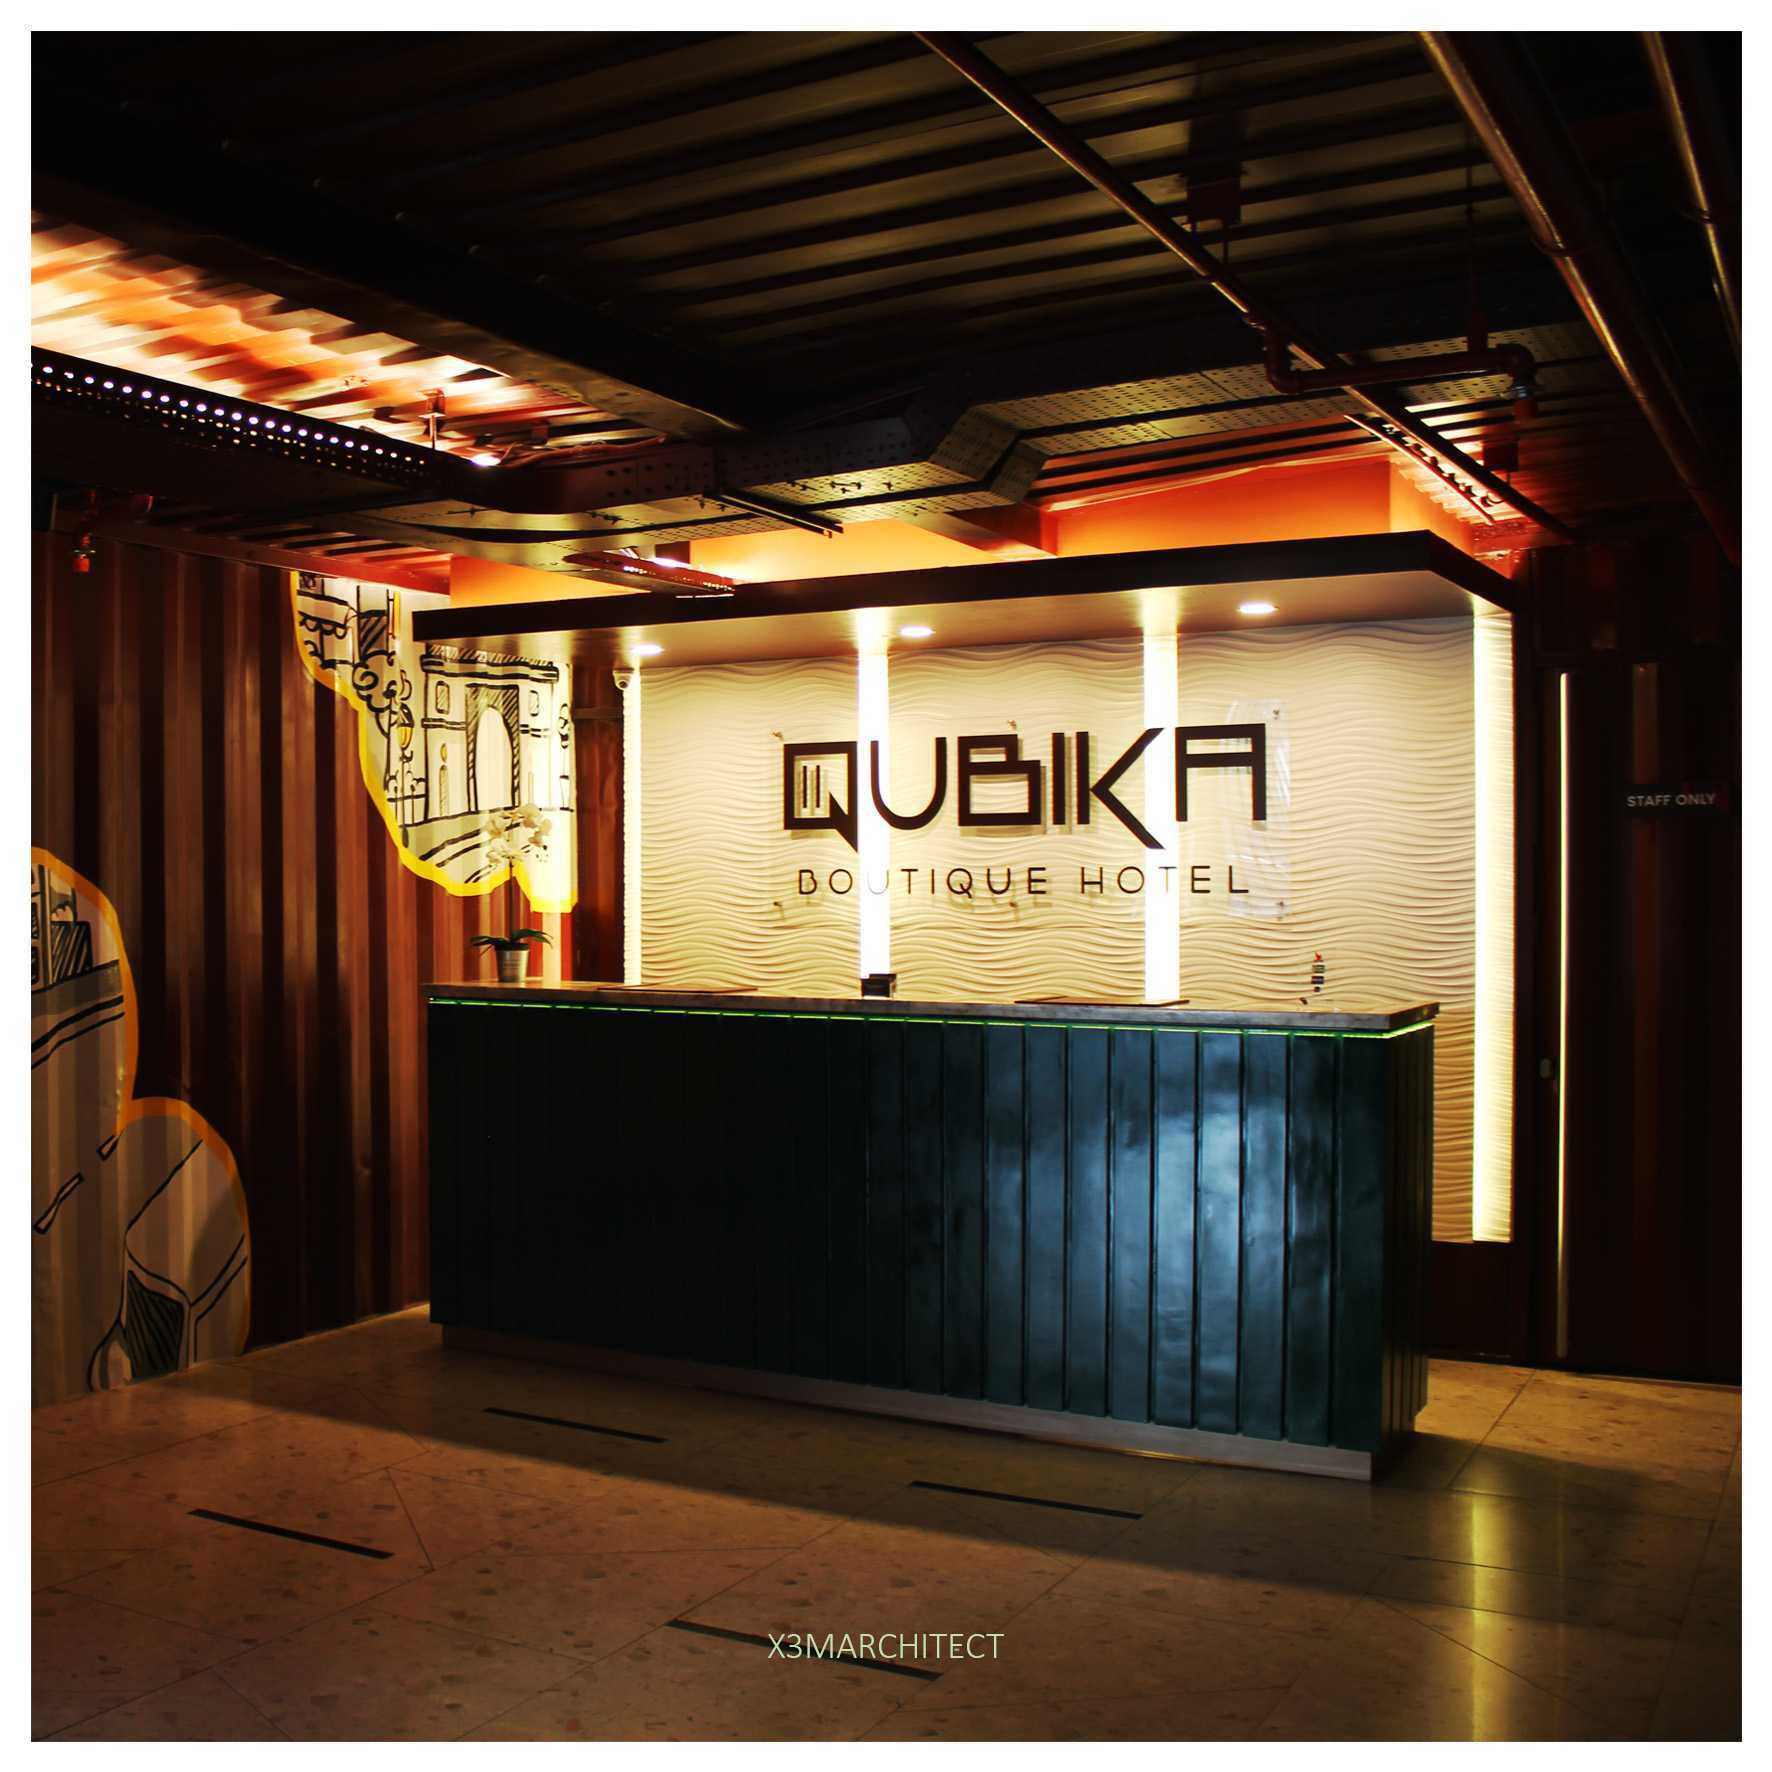 X3M Architects Qubika Hotel Medang, Kec. Pagedangan, Tangerang, Banten 15334, Indonesia Medang, Kec. Pagedangan, Tangerang, Banten 15334, Indonesia X3M-Architects-Qubika-Hotel Industrial 94821